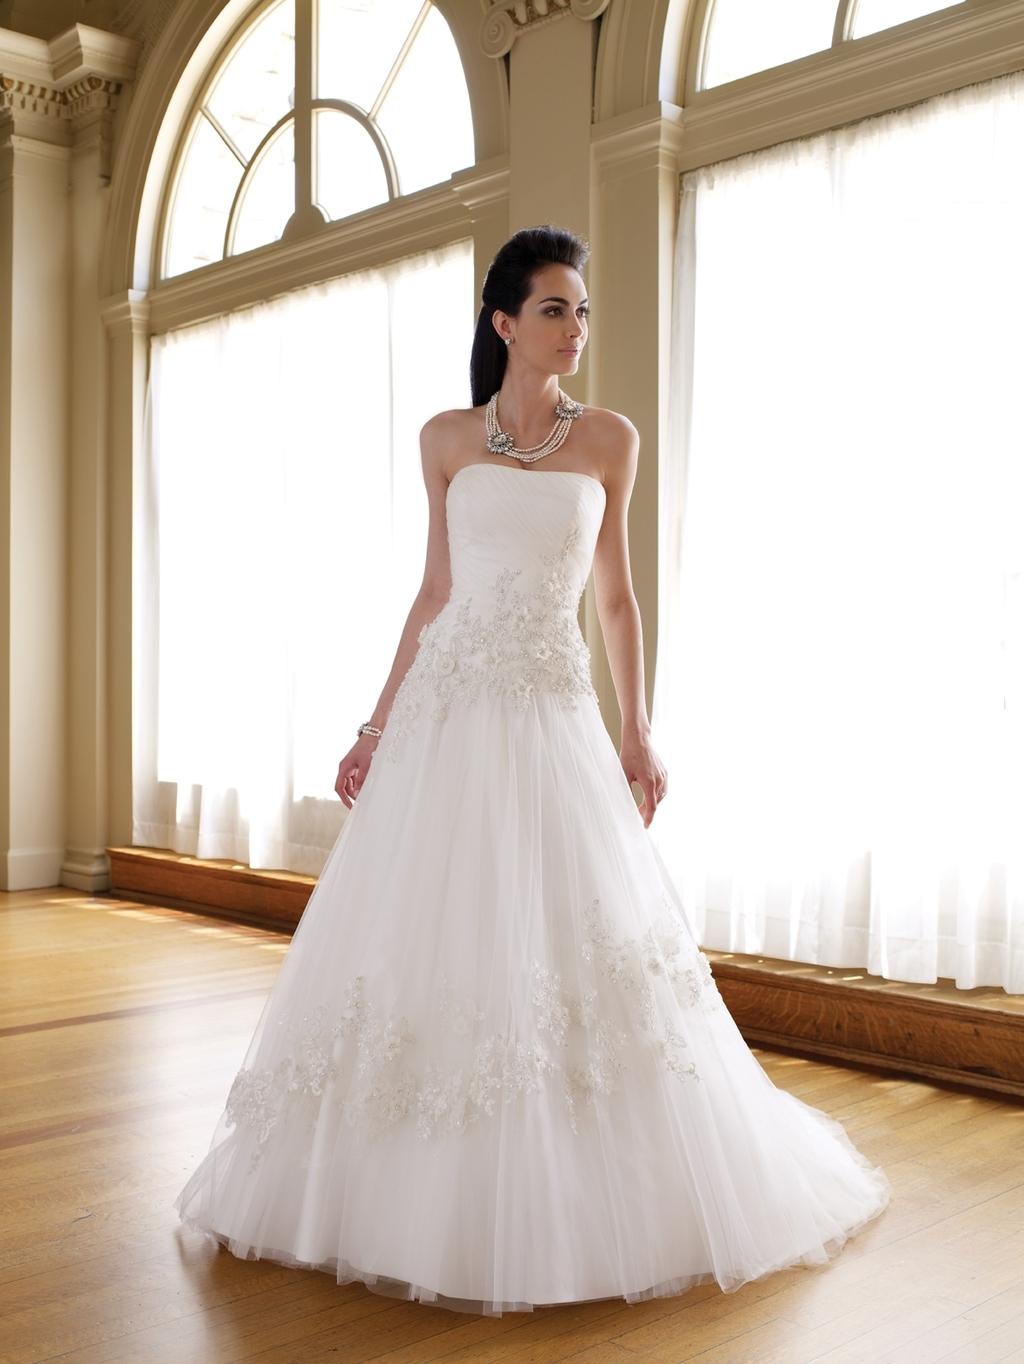 111210-spring-2011-wedding-dress-mon-cheri-strapless-a-line.full